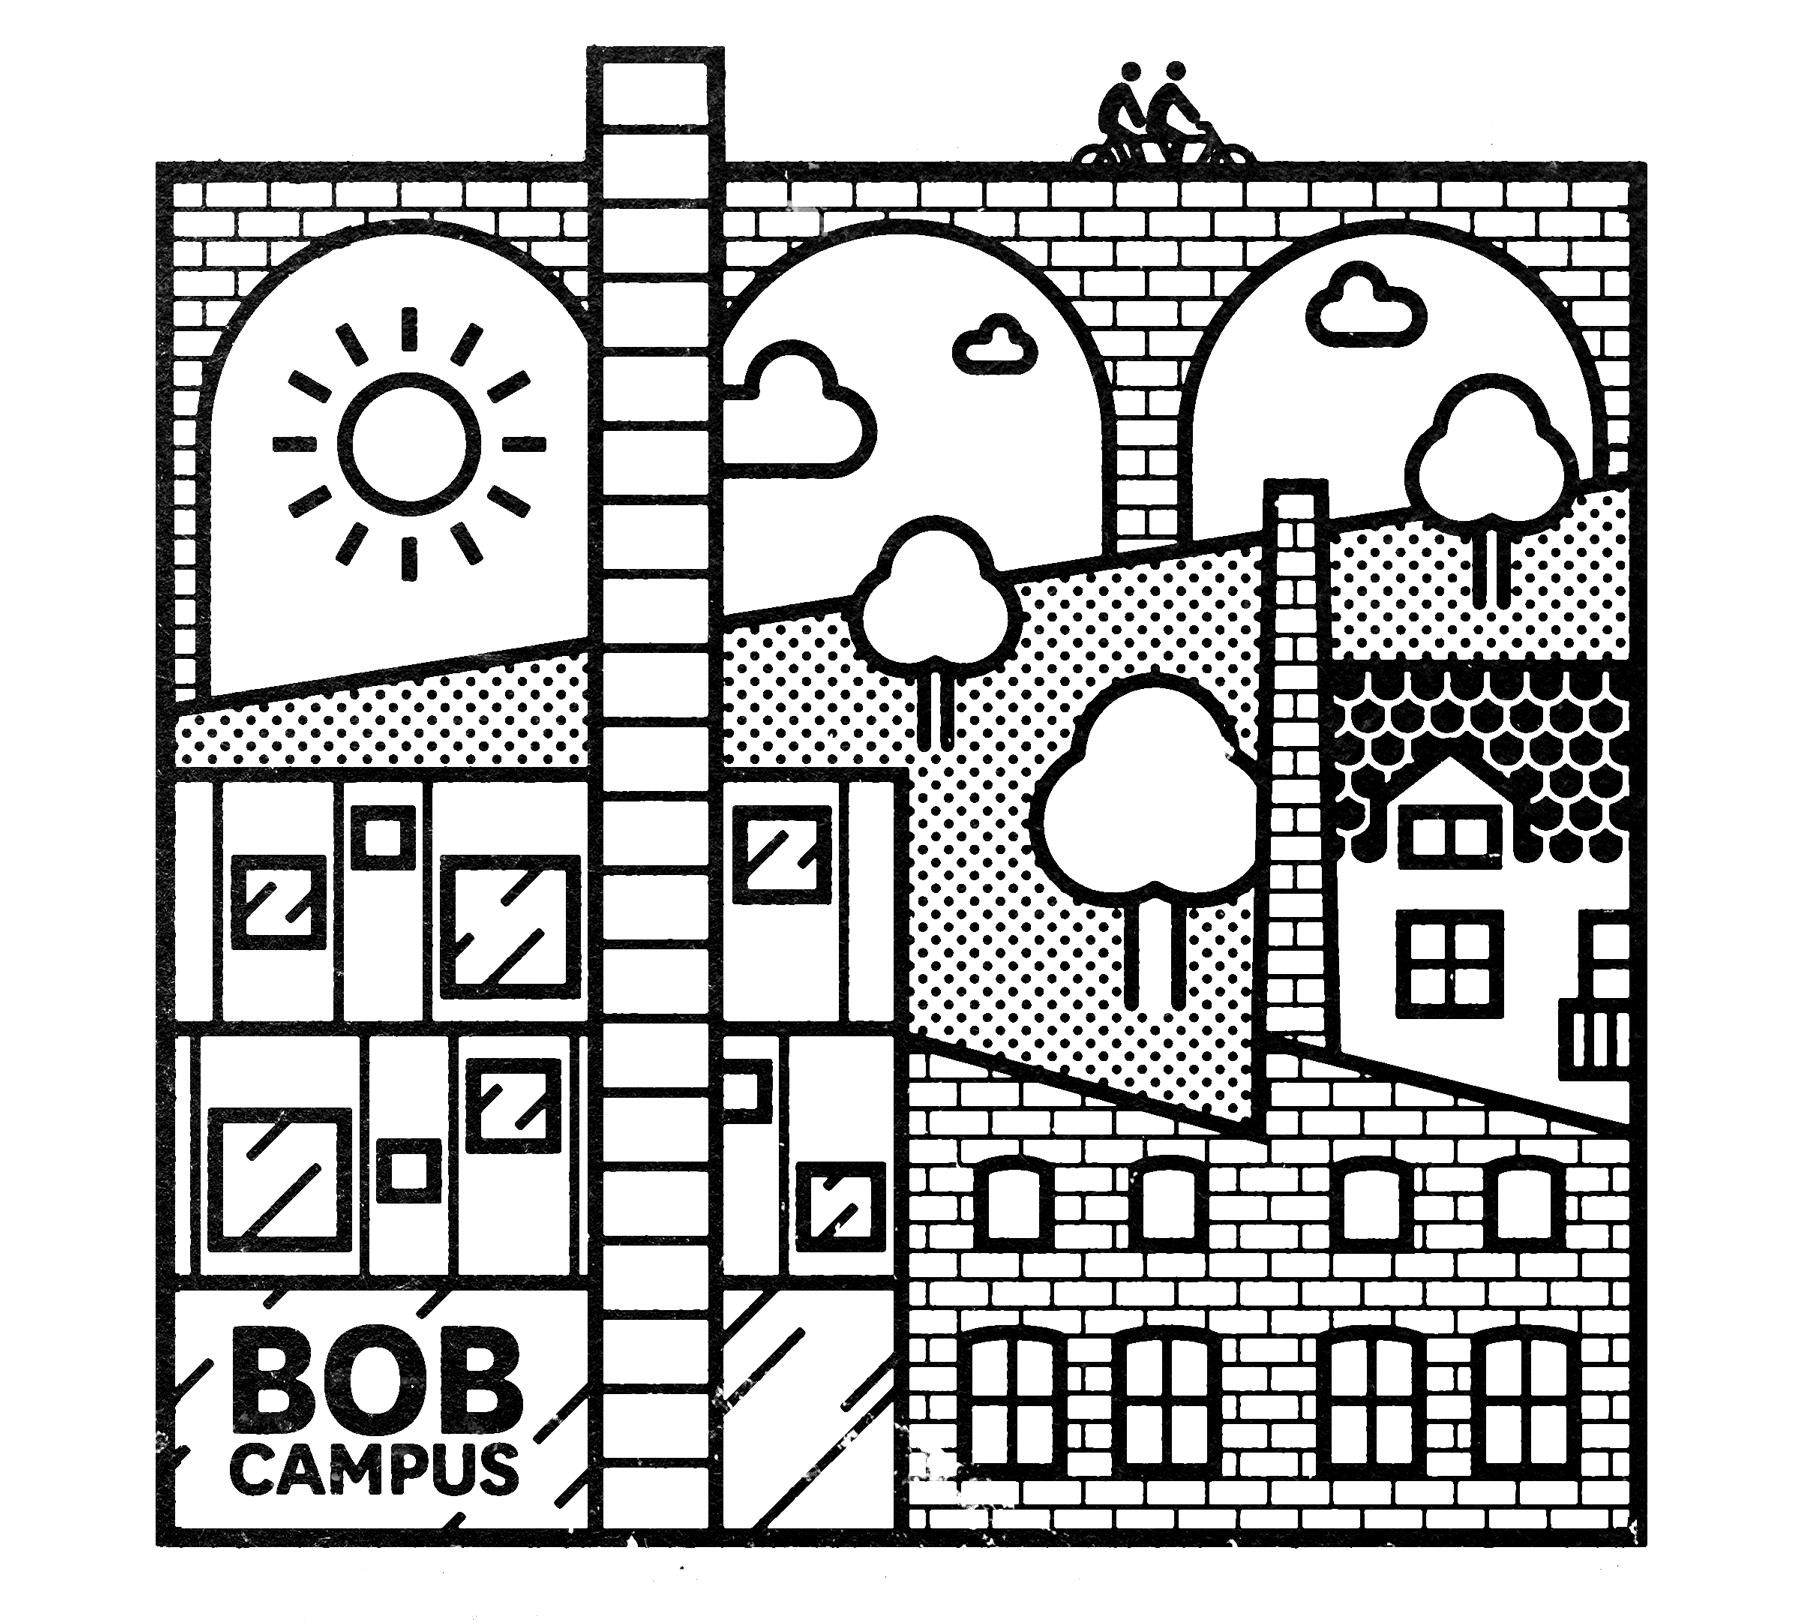 bobcampus_motiv